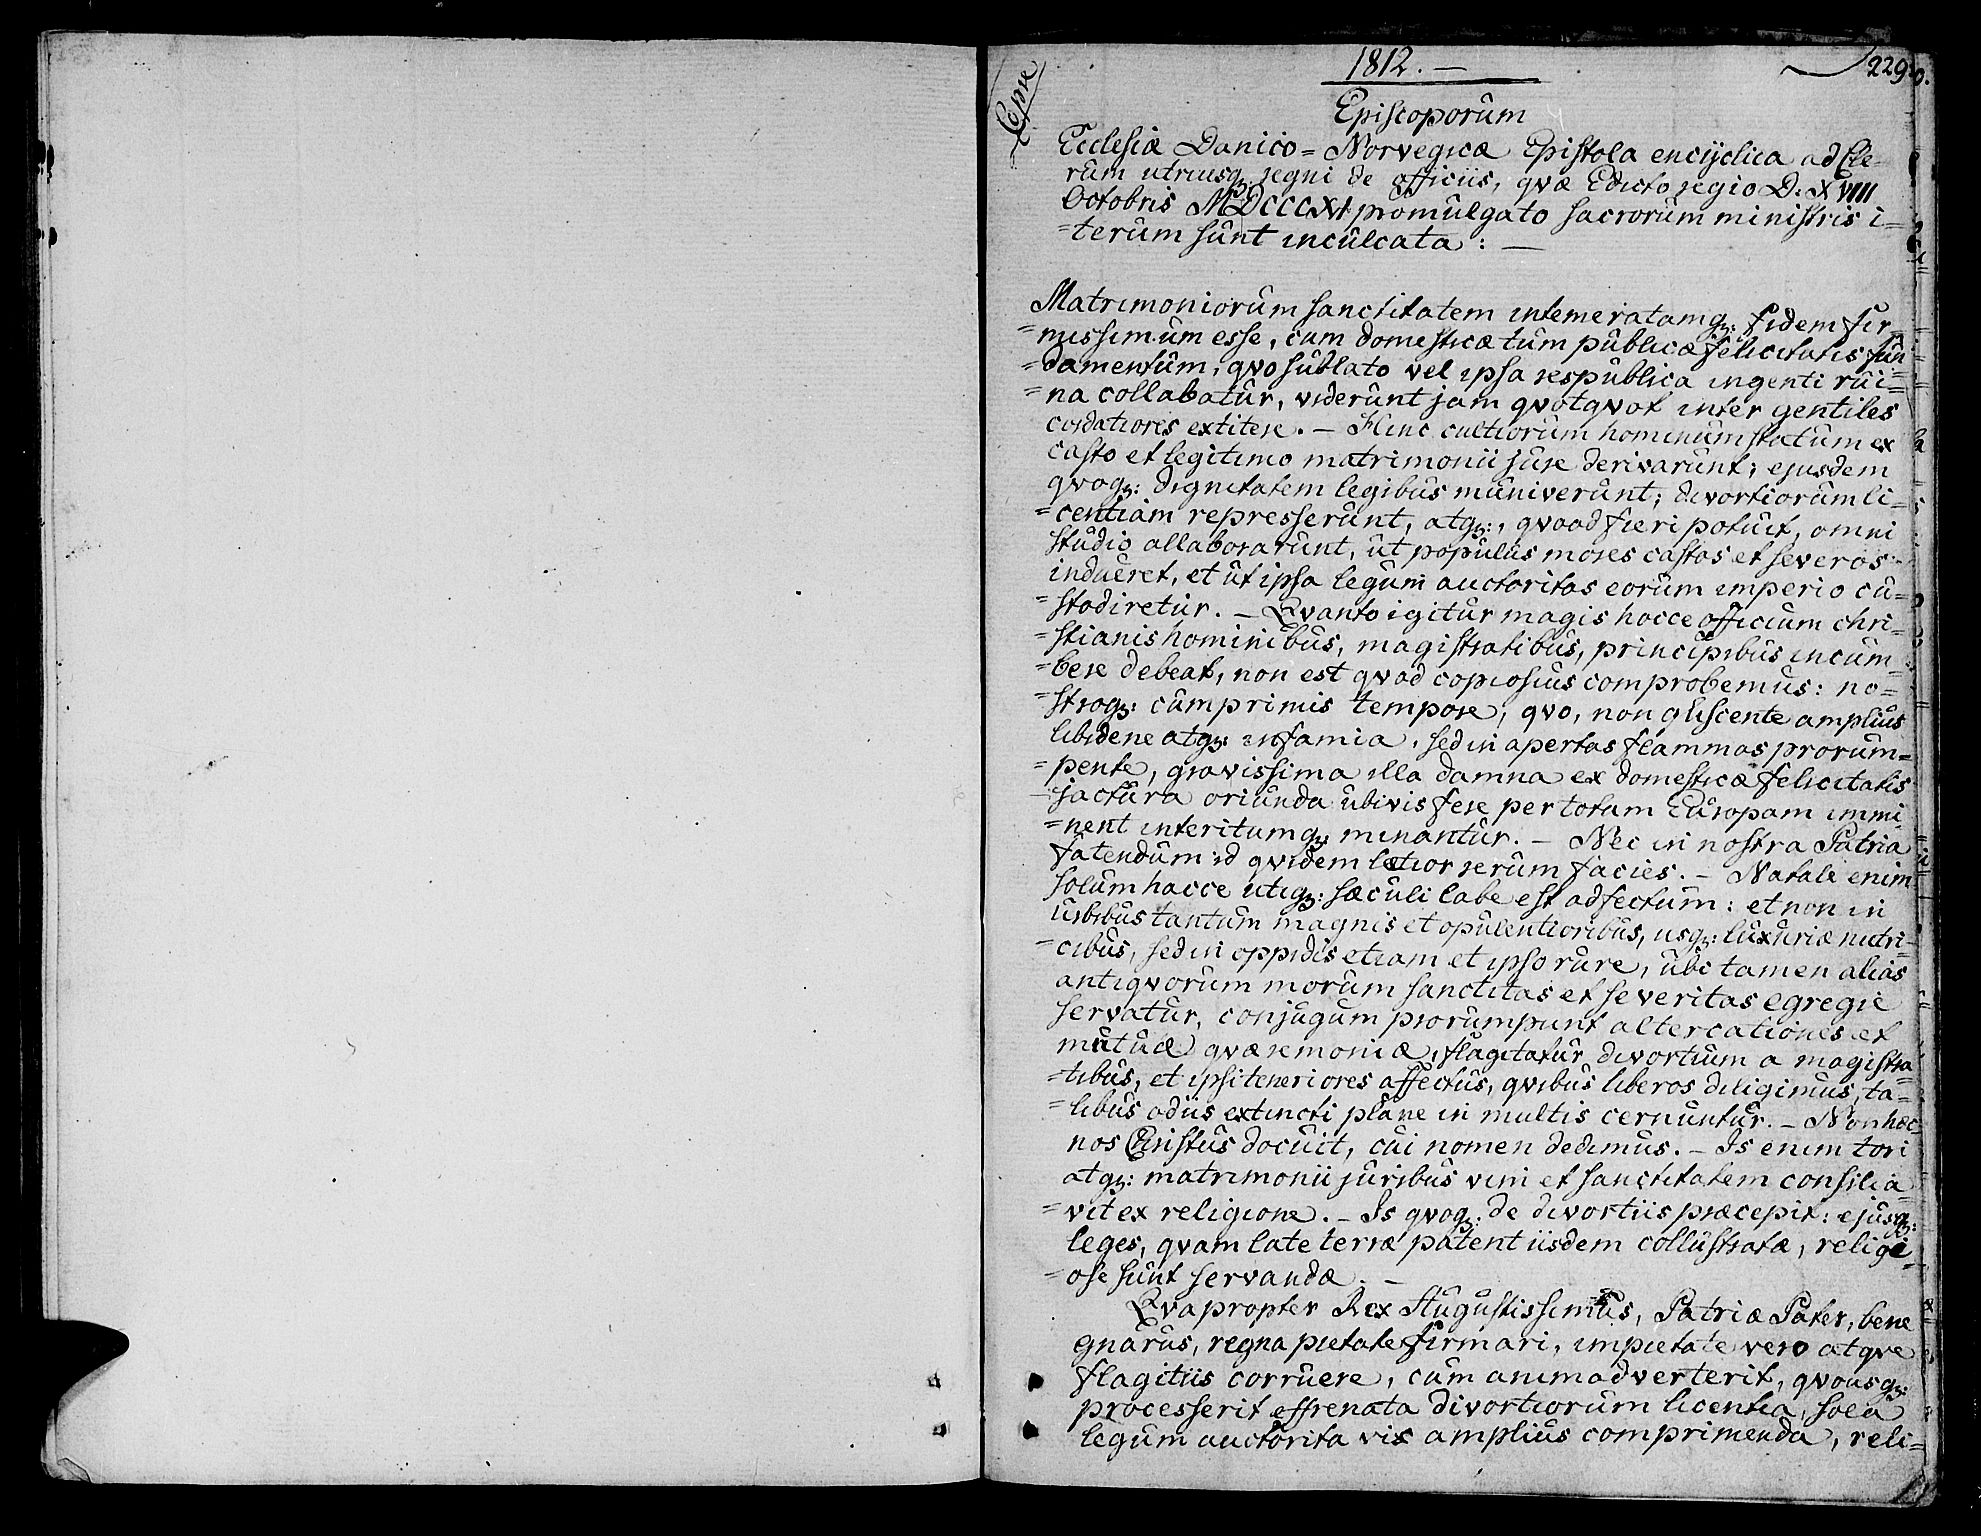 SAT, Ministerialprotokoller, klokkerbøker og fødselsregistre - Sør-Trøndelag, 695/L1140: Ministerialbok nr. 695A03, 1801-1815, s. 229